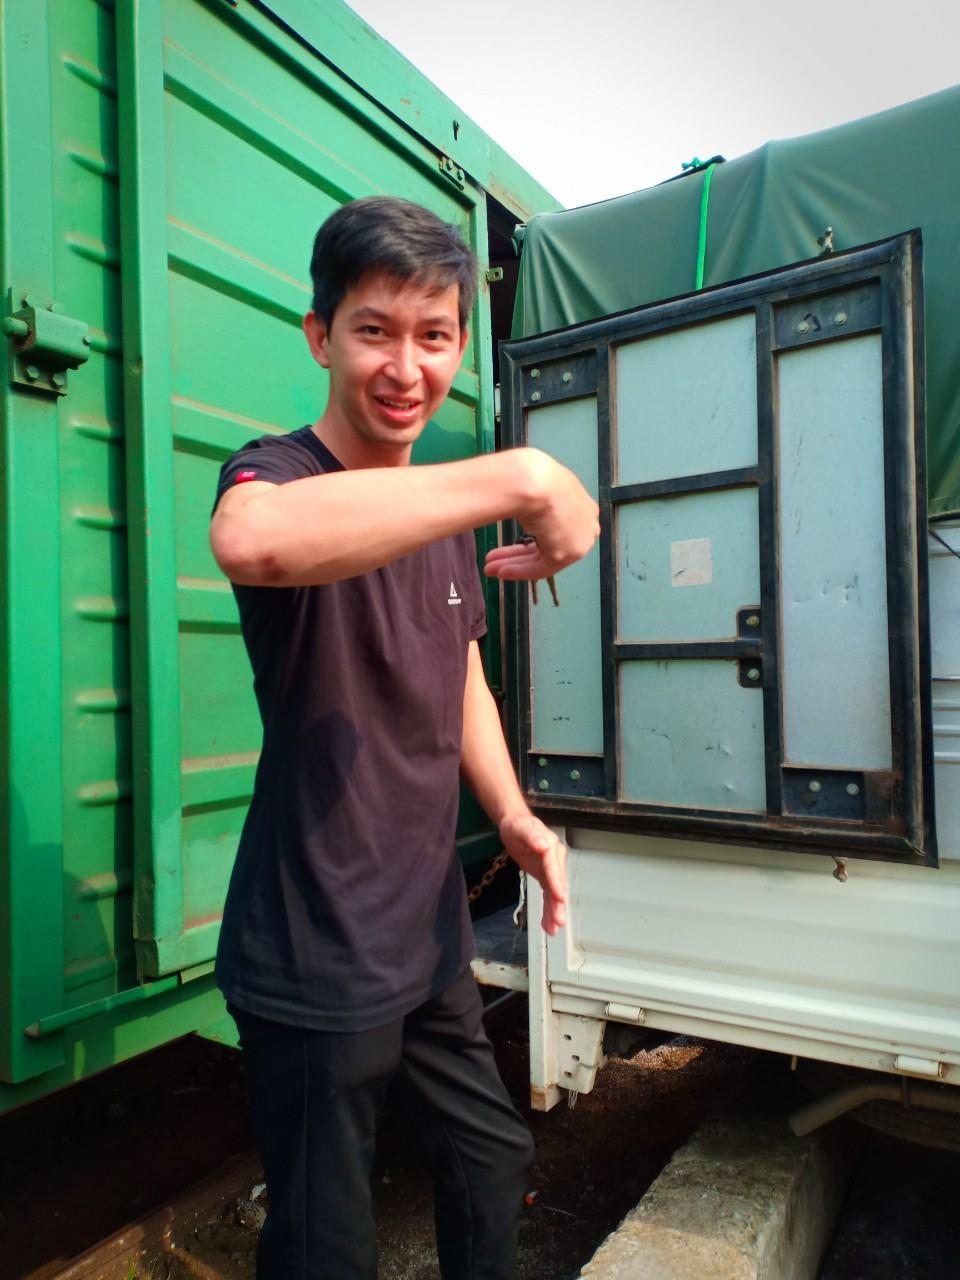 Dịch vụ thuê xe tải nhỏ giá rẻ tại Hà Nội